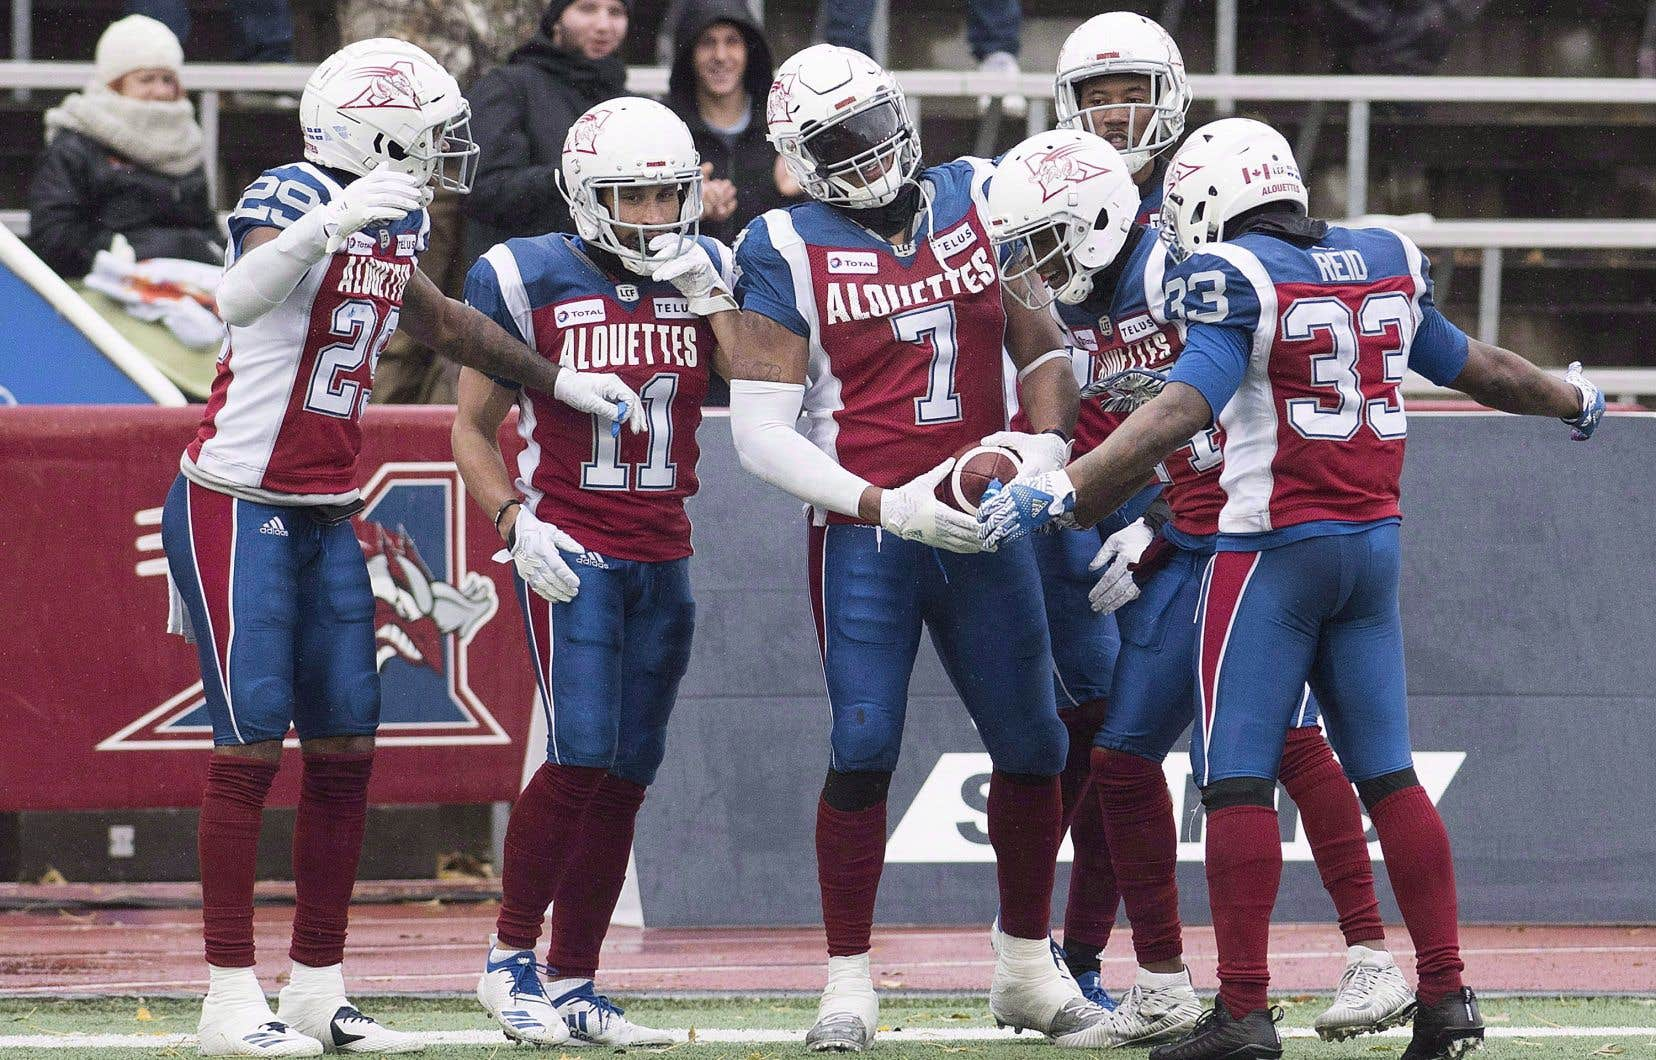 Le Réseau des sports a dévoilé jeudi matin que la Ligue canadienne aurait racheté la franchise de Wetenhall afin de trouver un nouvel acheteur.